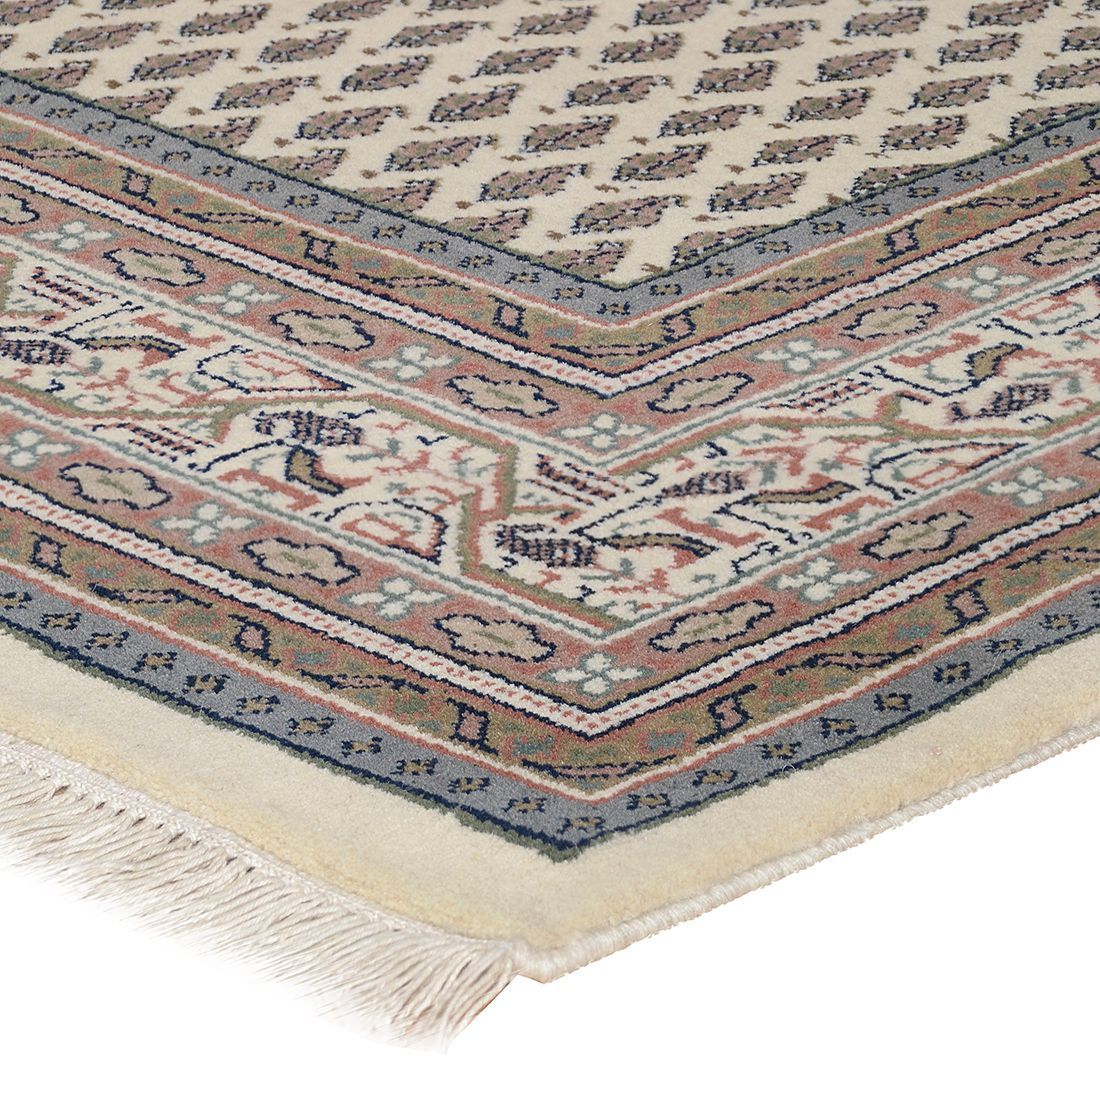 Teppich Abbas Meraj Mir Orientteppich Perserteppich